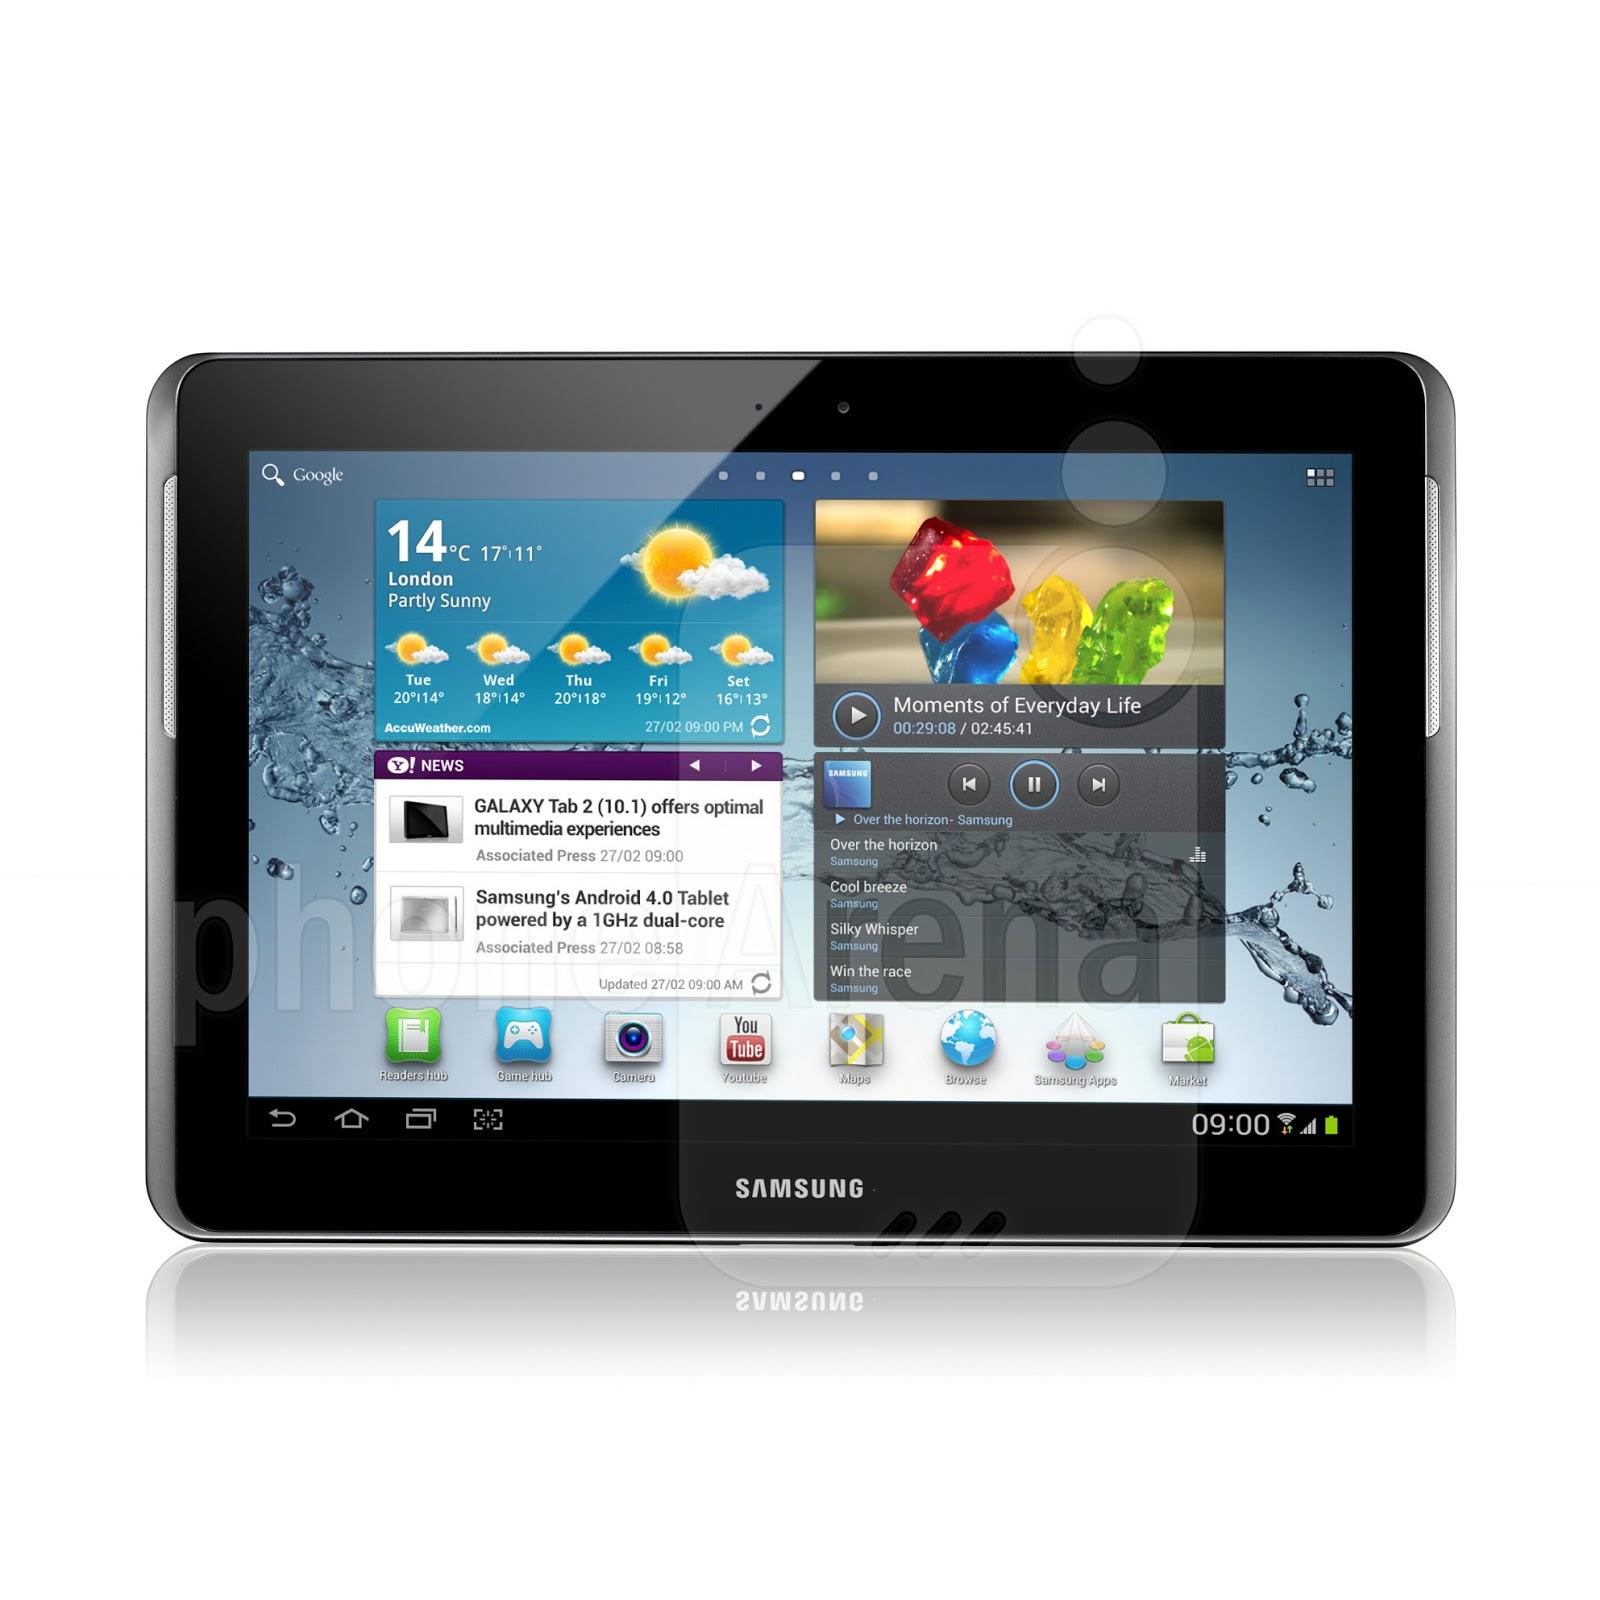 2013 at 1:21 PM . by Update Info Daftar Harga Dalam topik Galaxy Tab